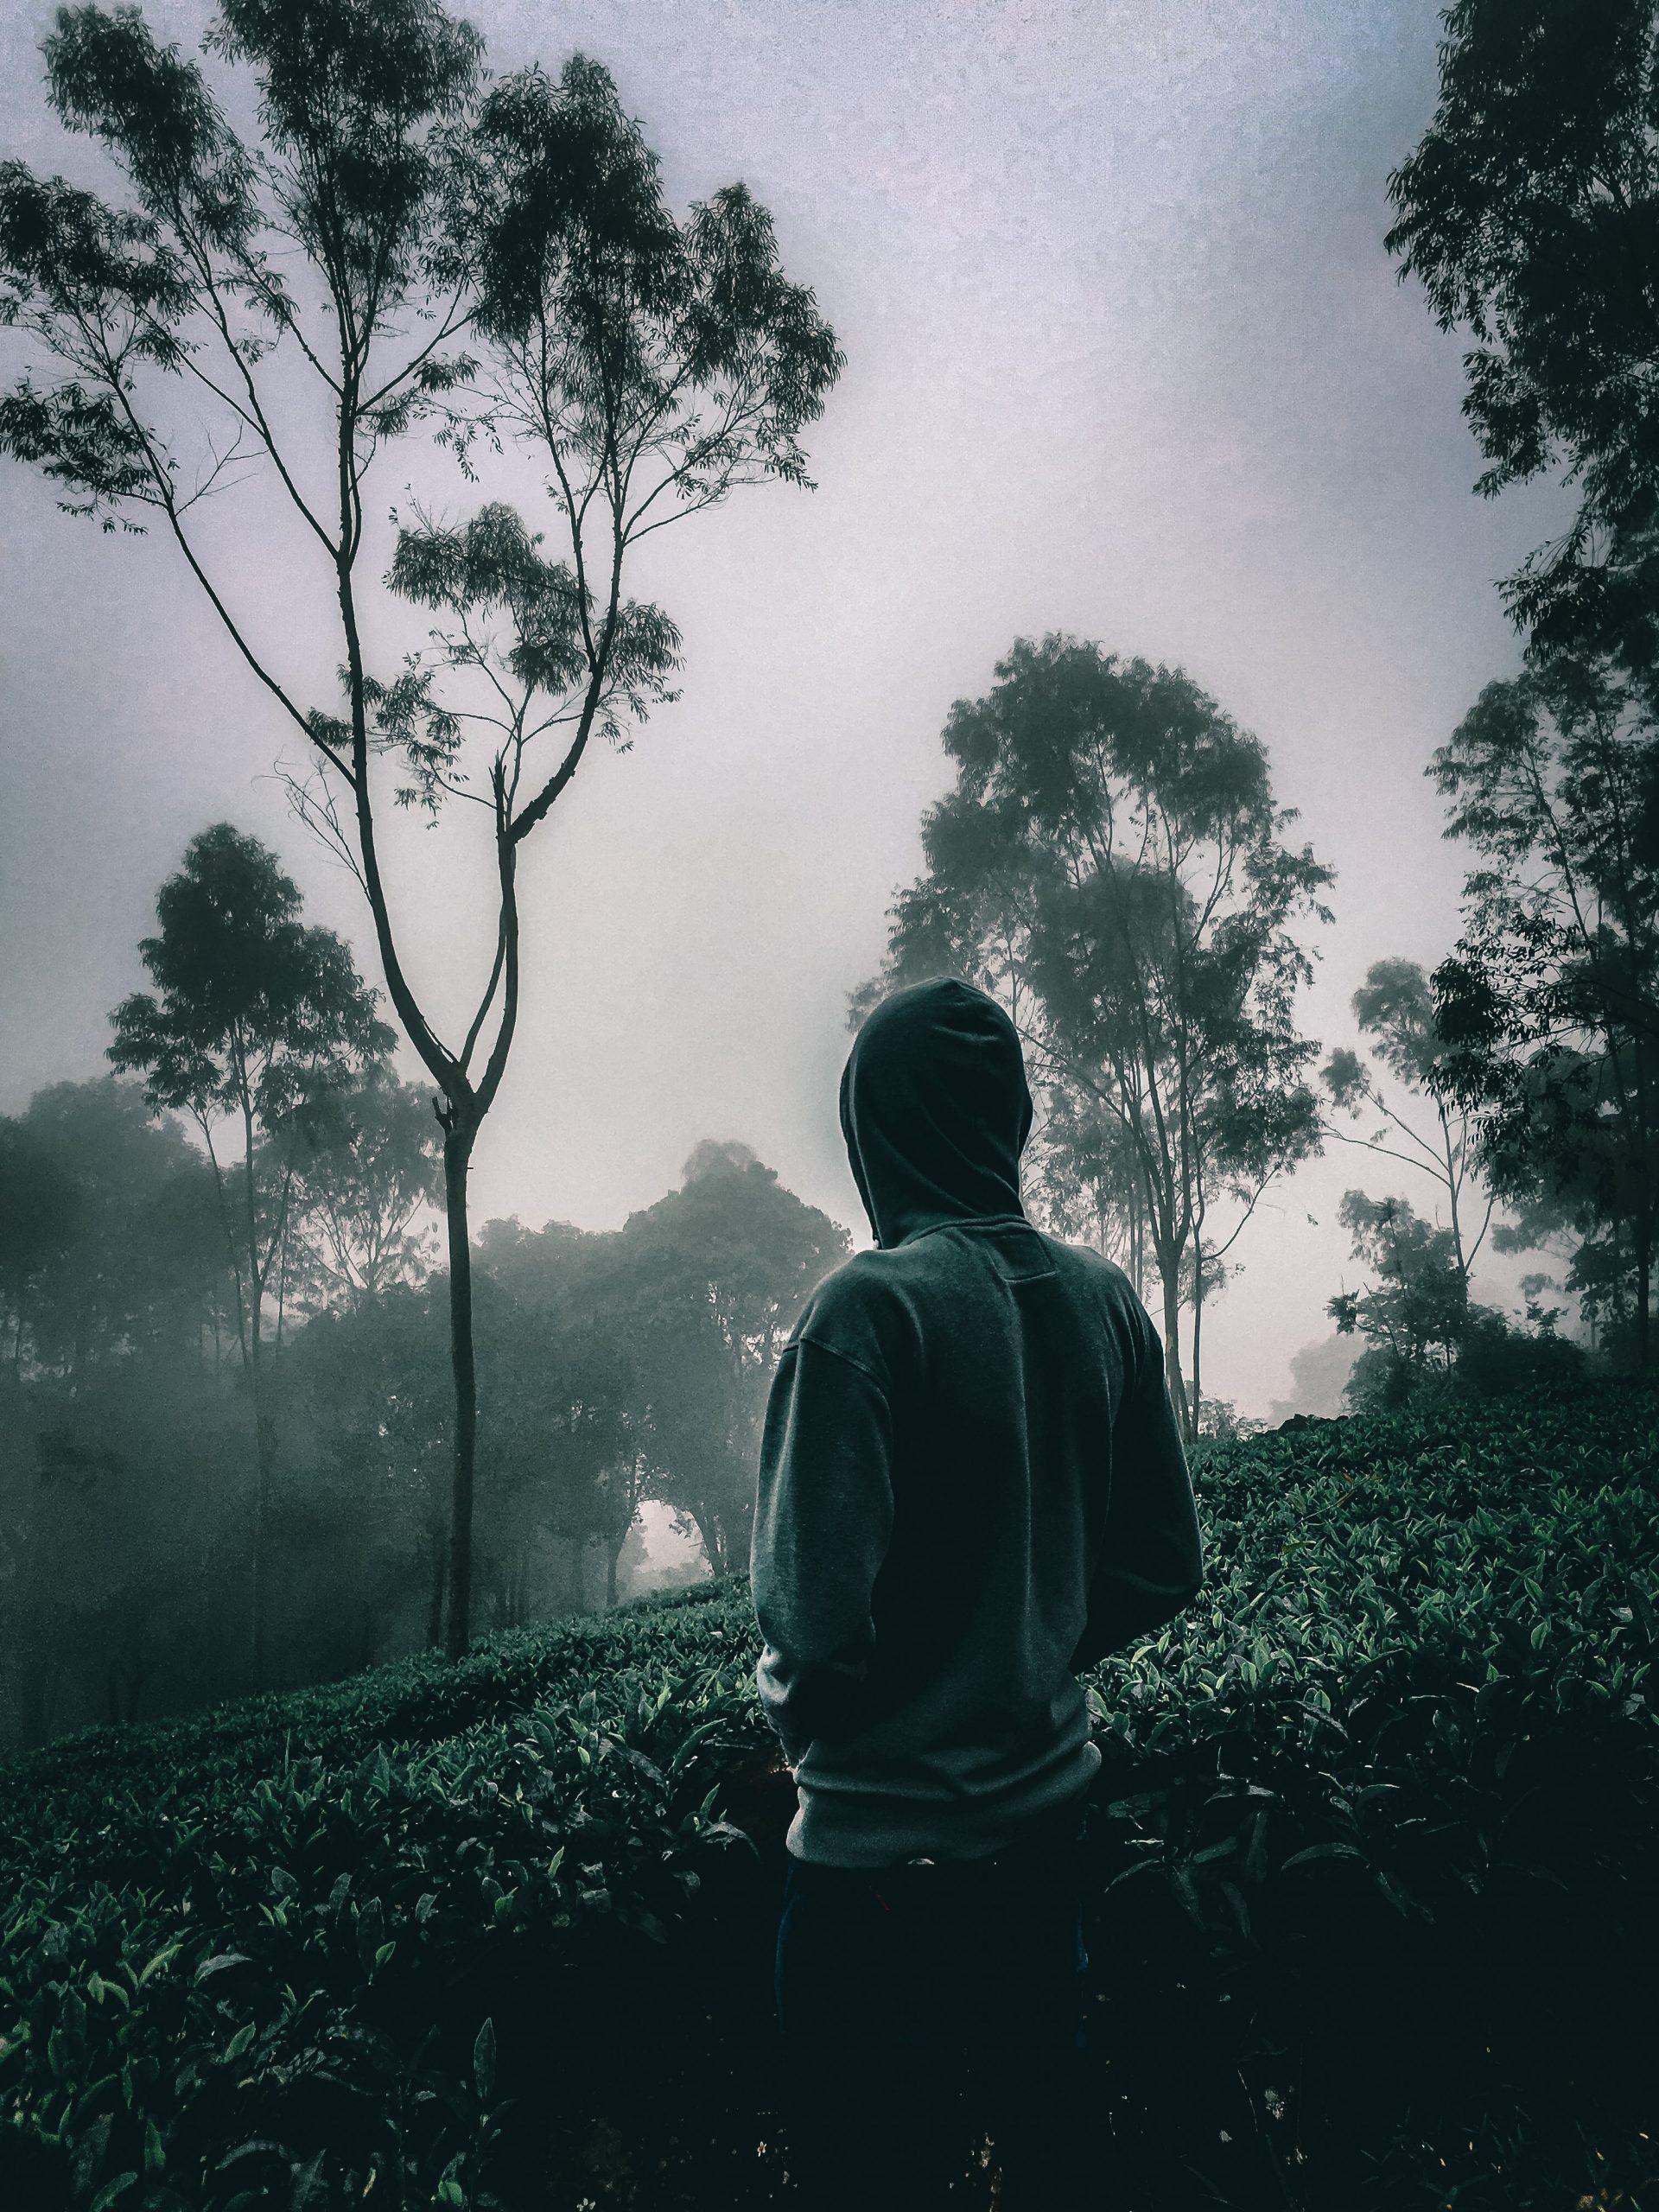 A man in a tea garden